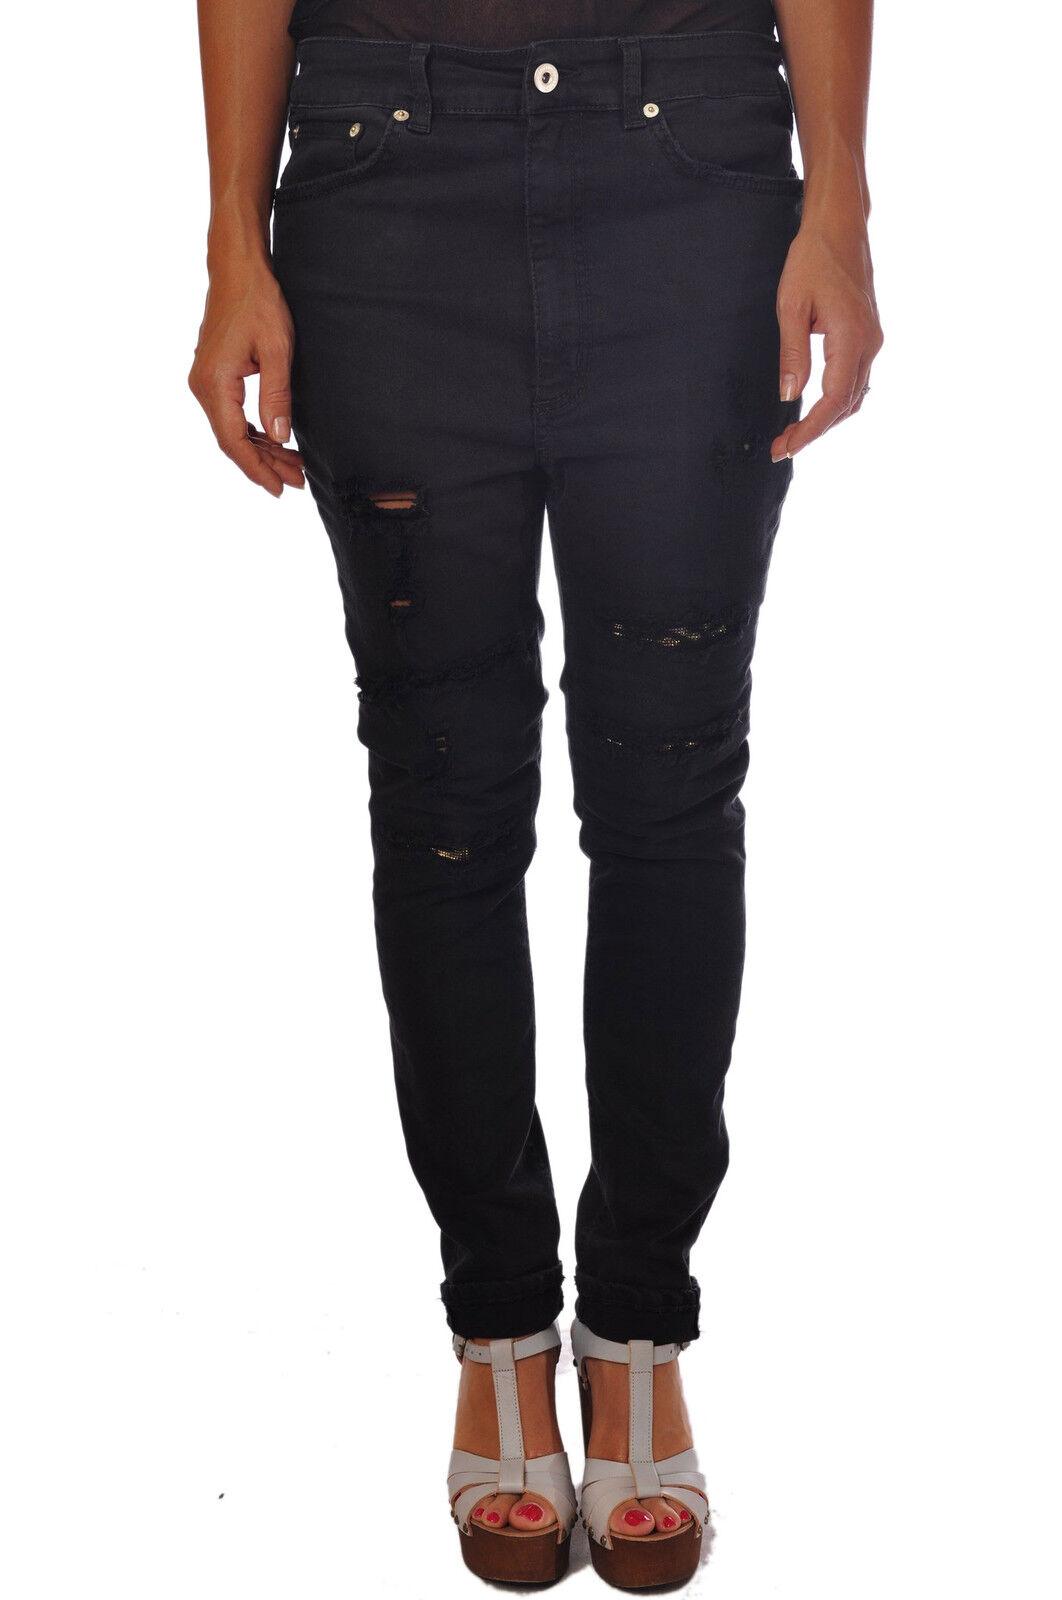 Dondup-pantalones-Mujer  - 27-Negro - 374111n155636  contador genuino